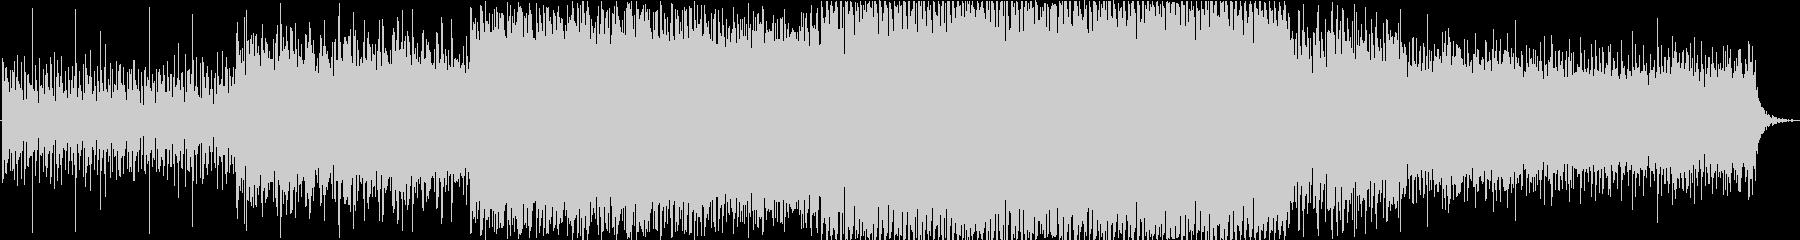 シンセサイザーを使用した明るいポップな曲の未再生の波形